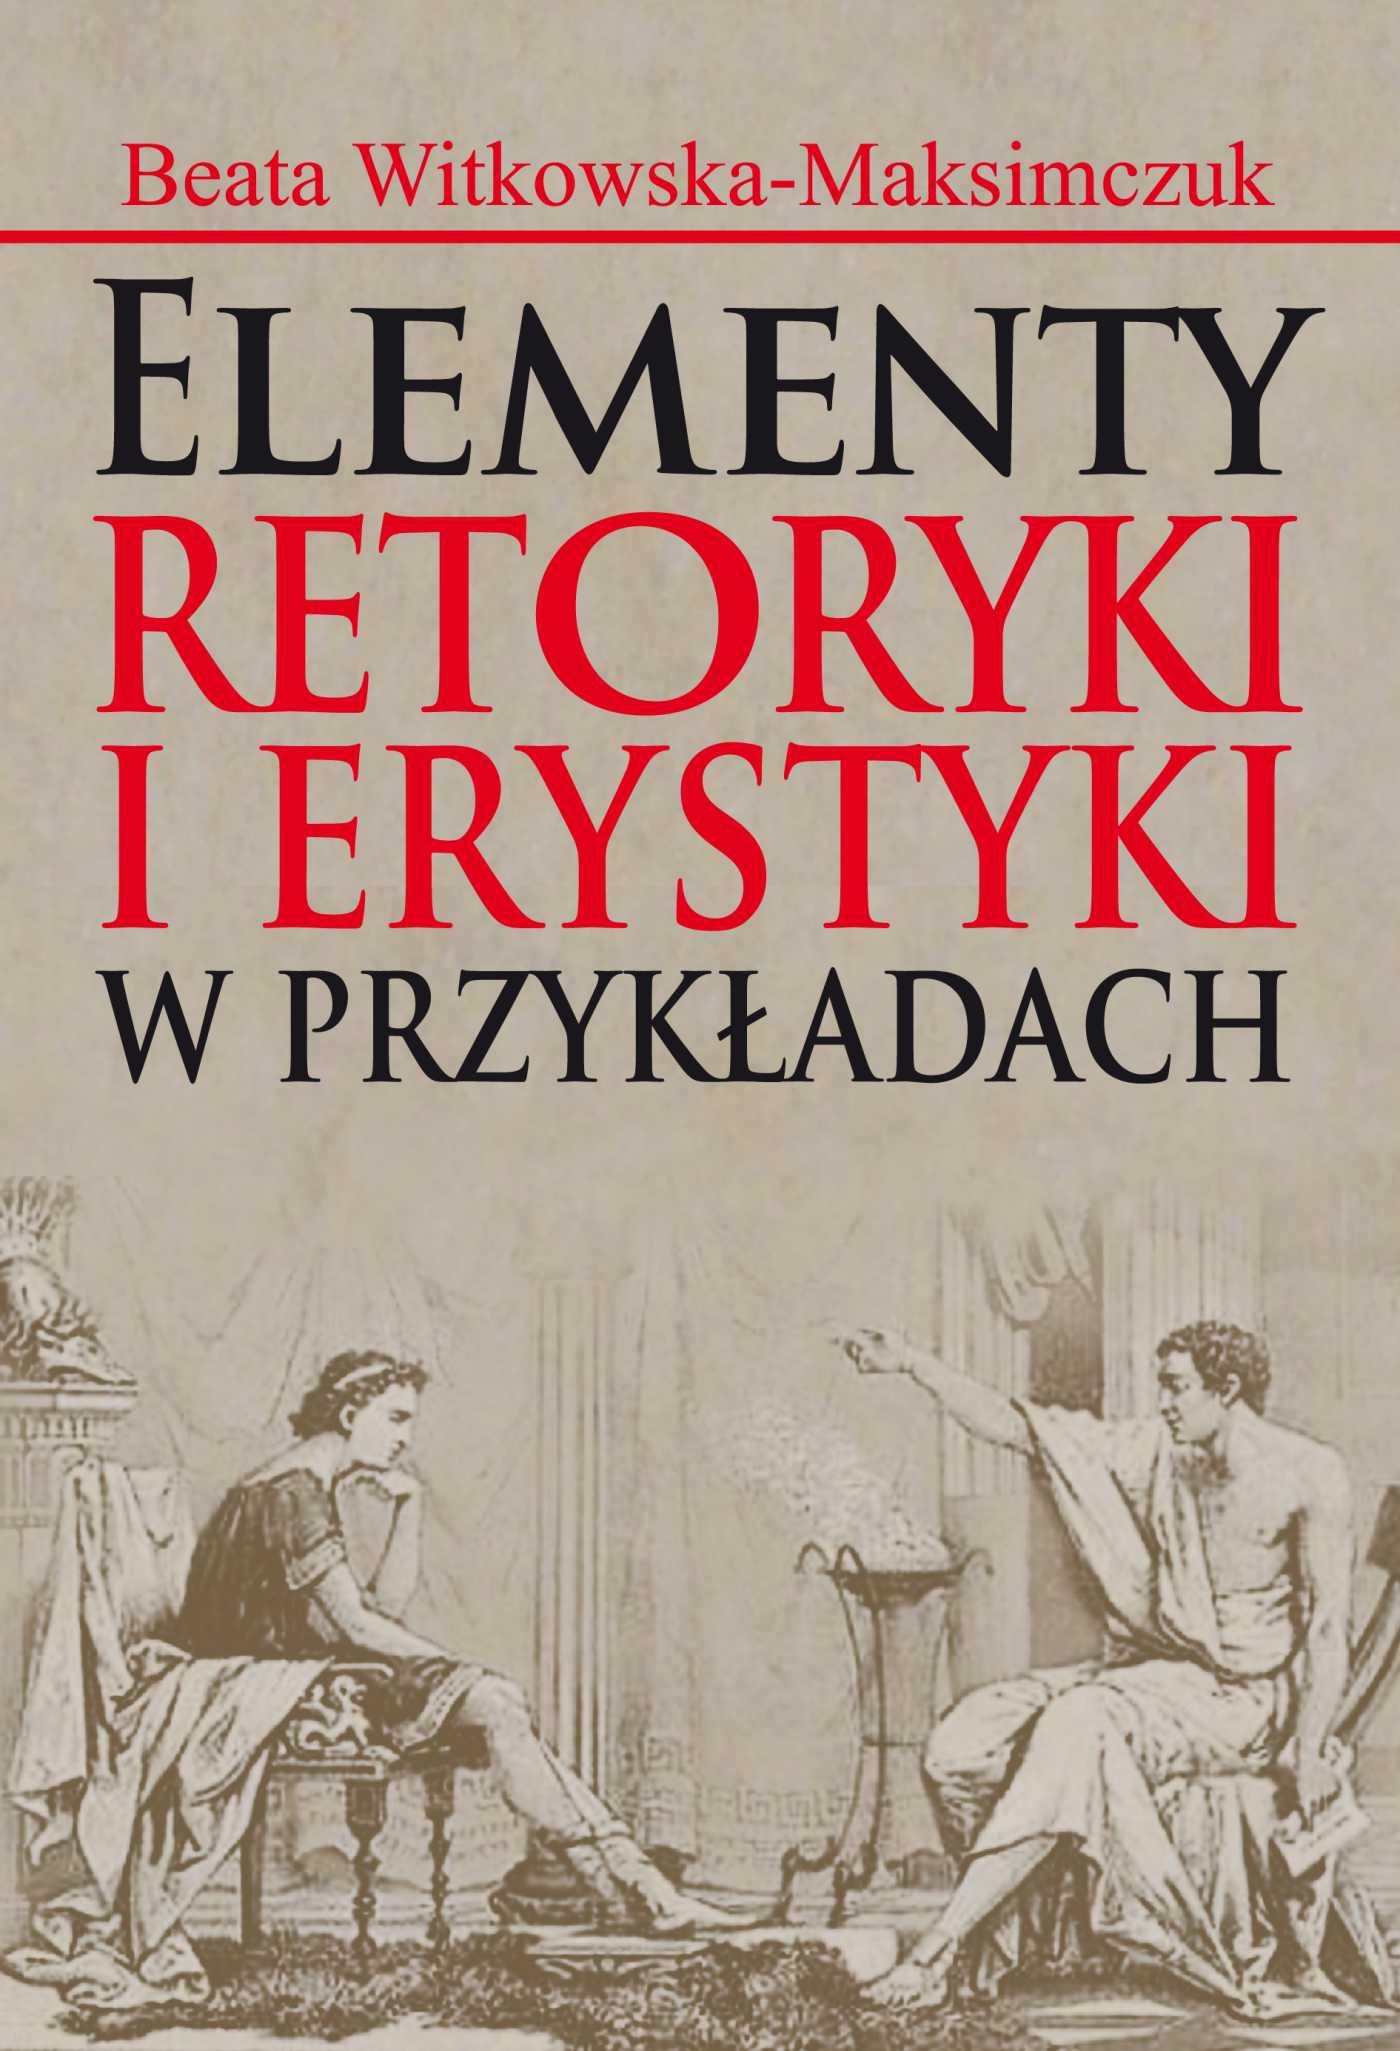 Elementy retoryki i erystyki w przykładach - Ebook (Książka PDF) do pobrania w formacie PDF